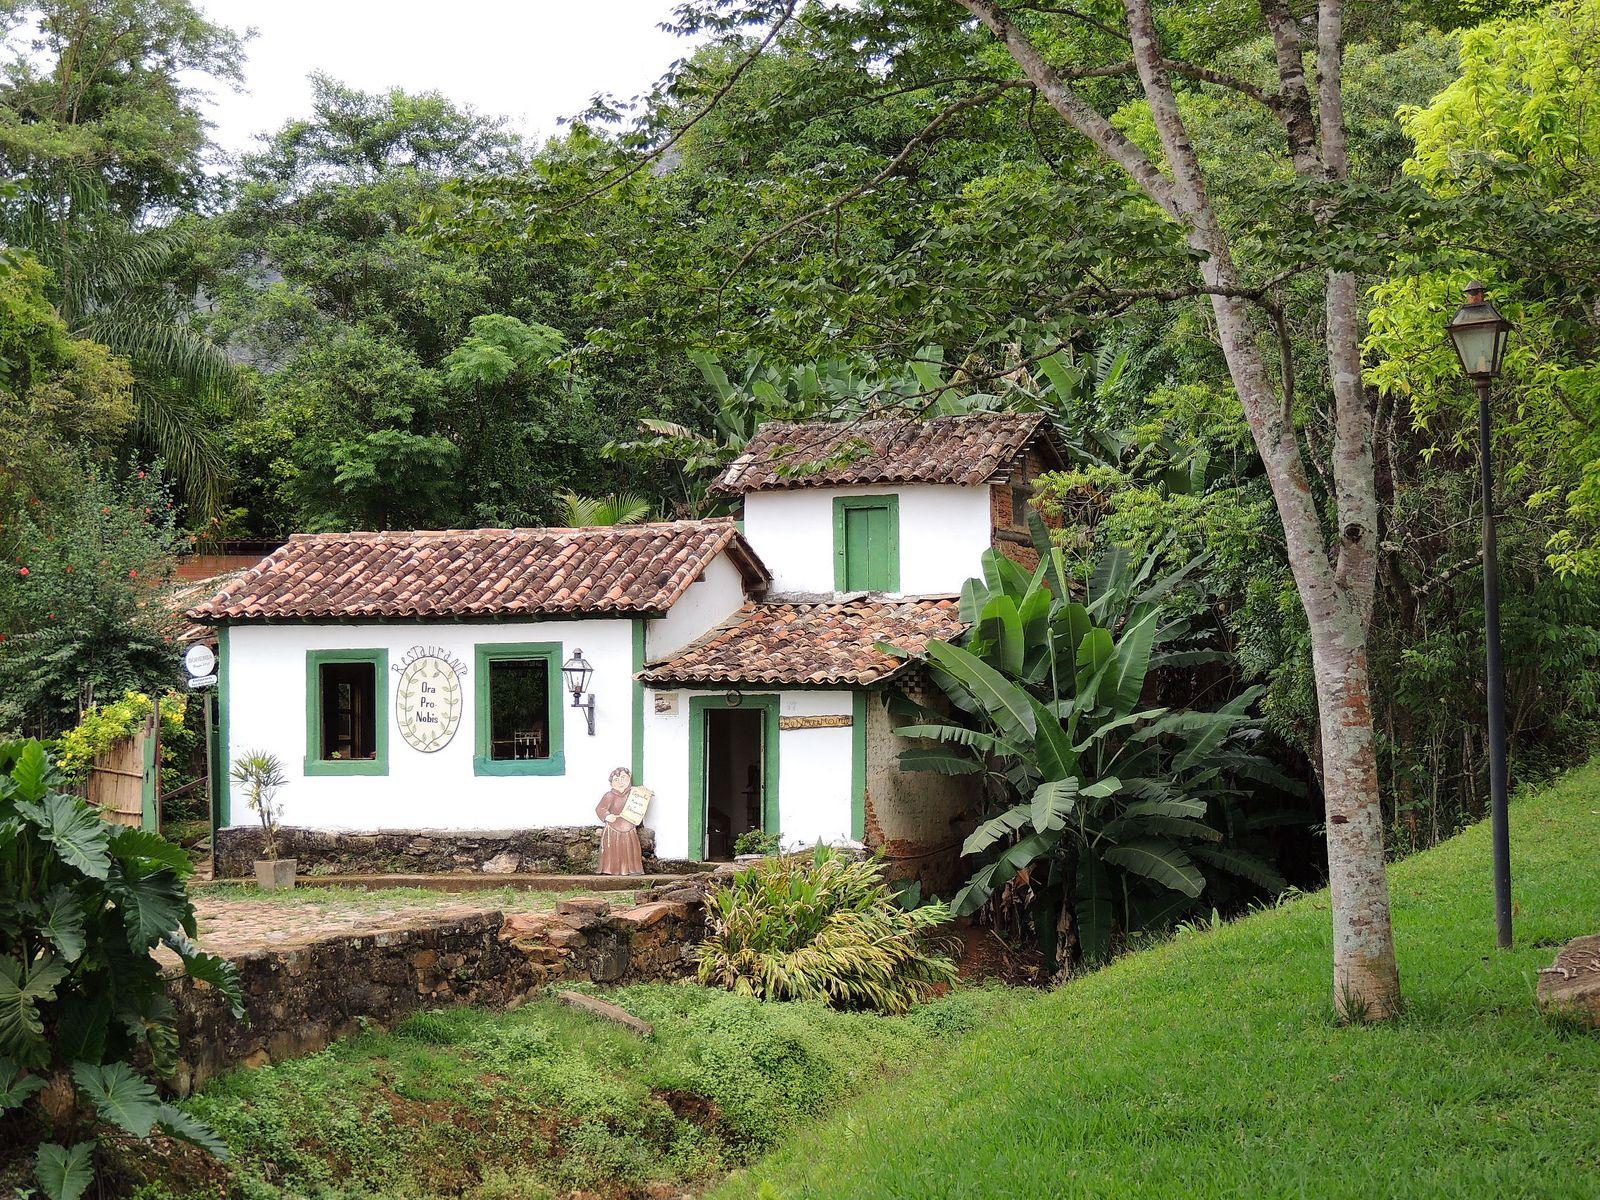 Tiradentes Minas Gerais Brasil Guilherme Quadros Flickr